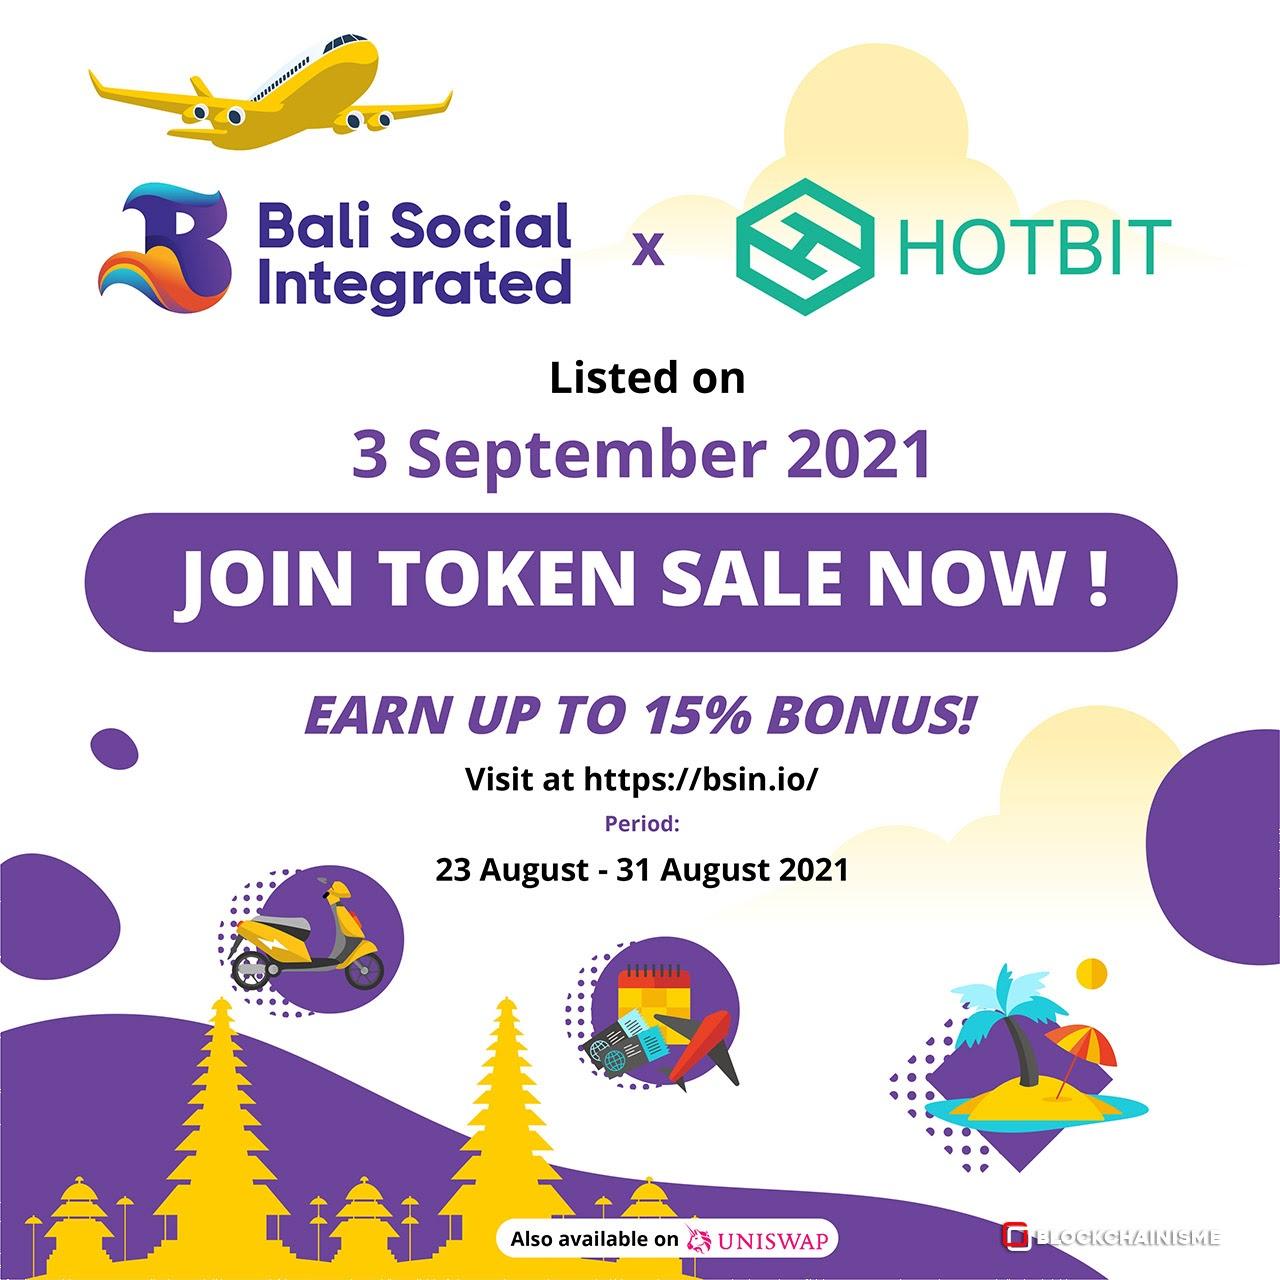 Pariwisata Bali Siap Bangkit, Bali Social Integrated (BSI) Siap Listing di Hotbit